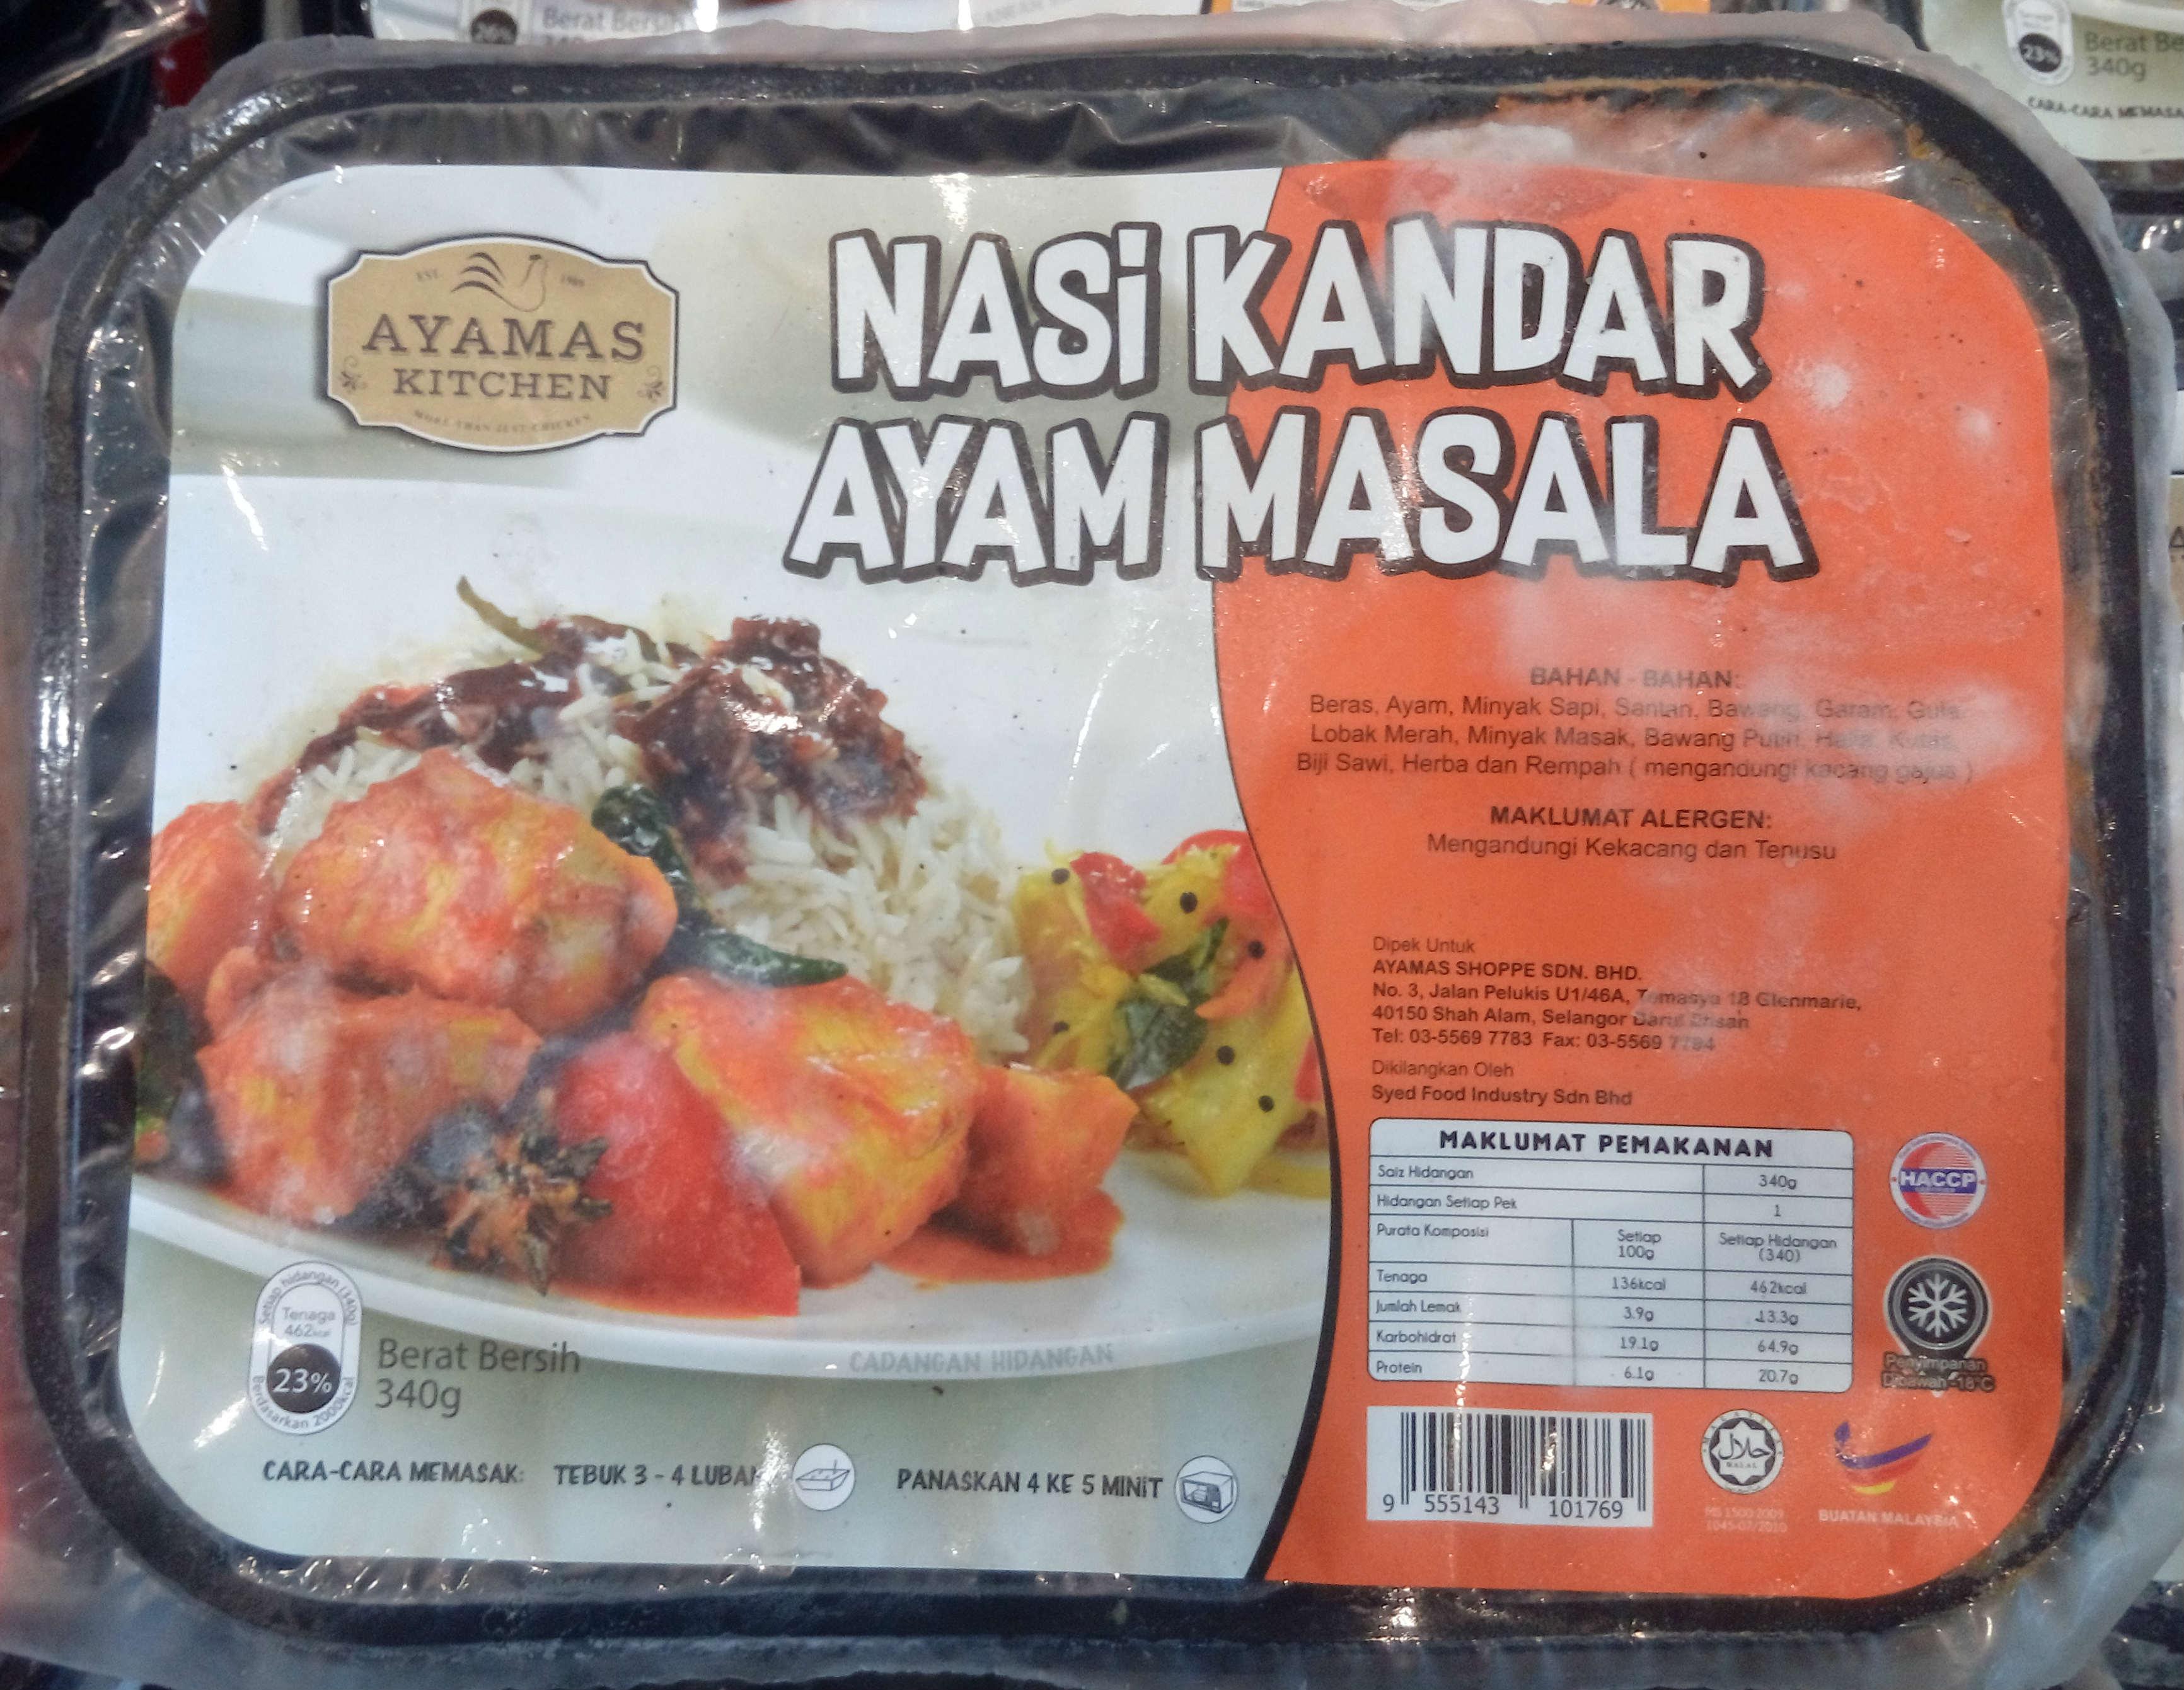 Nasi Kandar Ayam Masala RM7.90